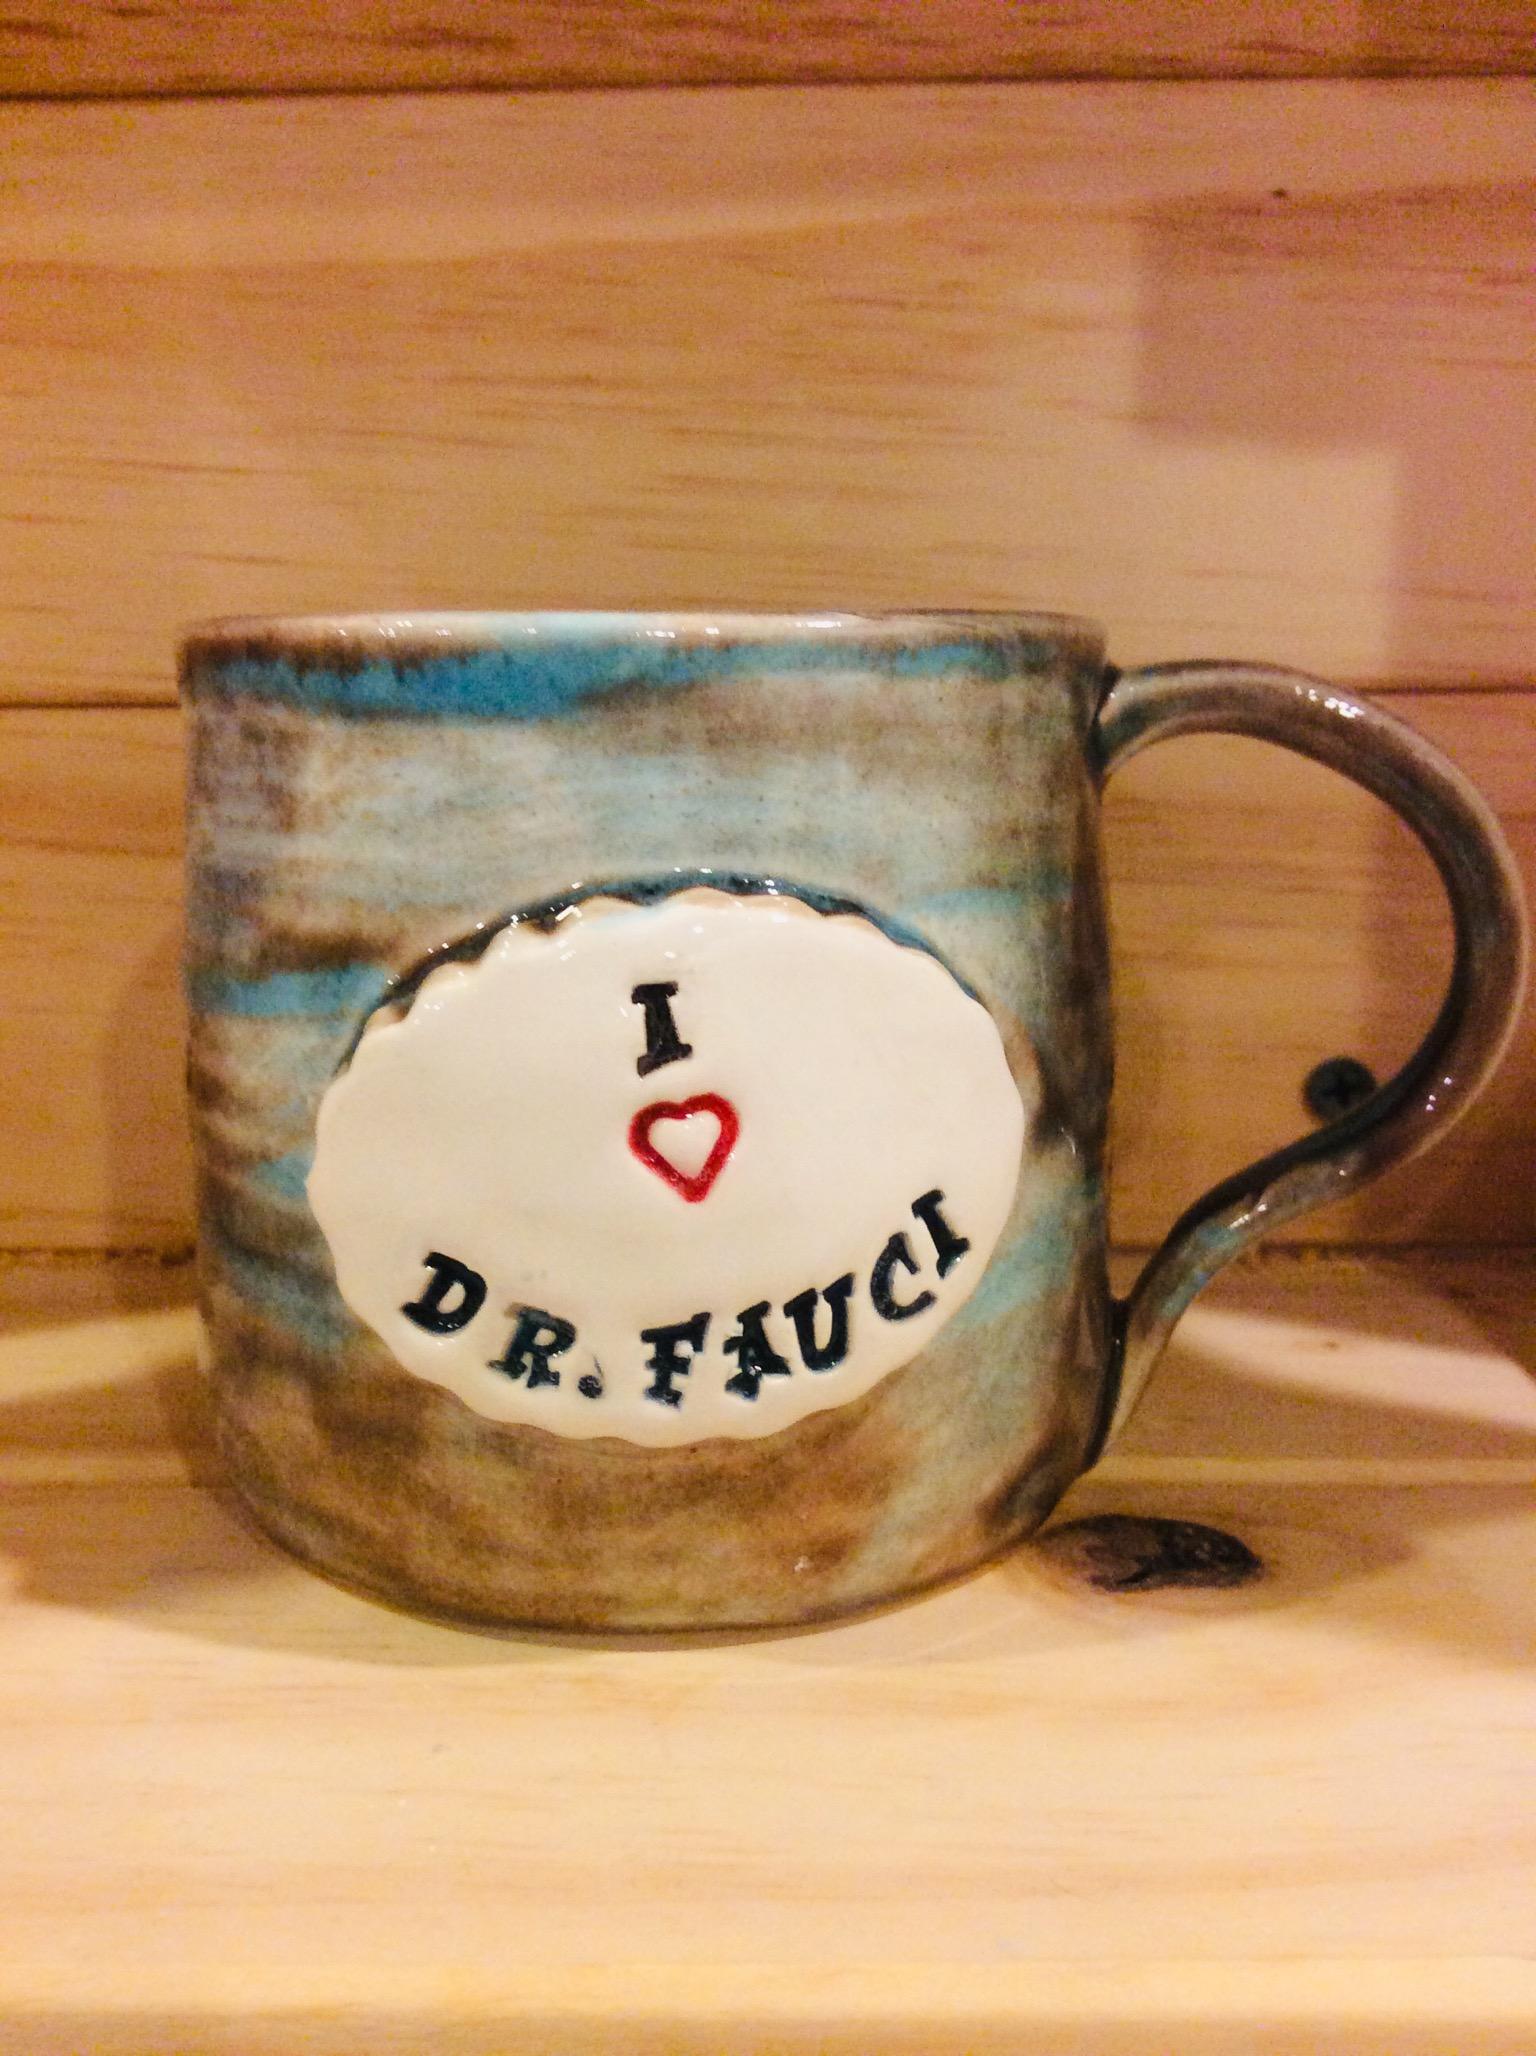 I Love Dr. Fauci Mug: Small Turquoise